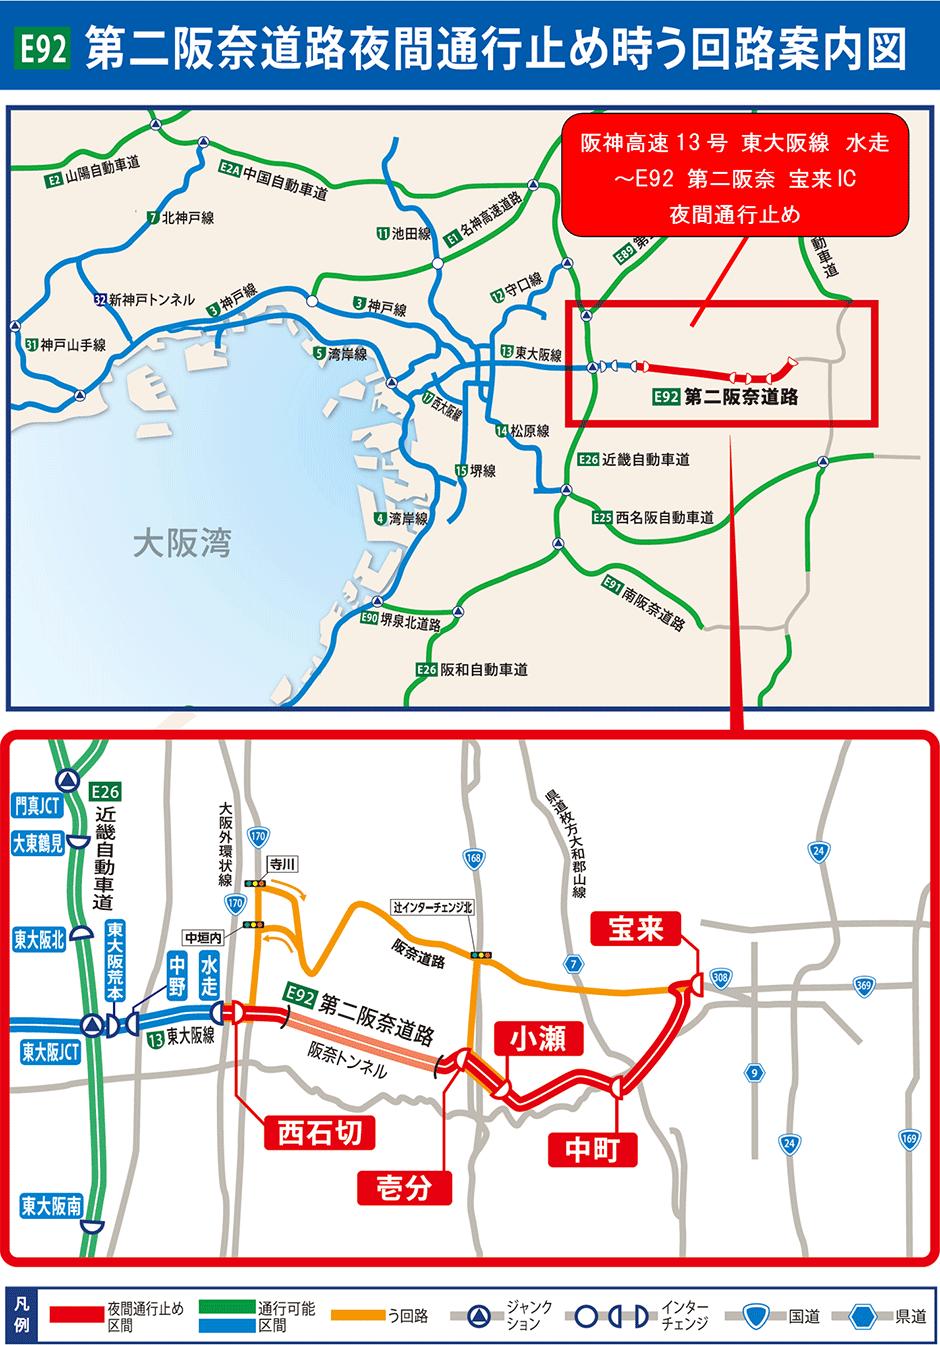 路線 図 高速 阪神